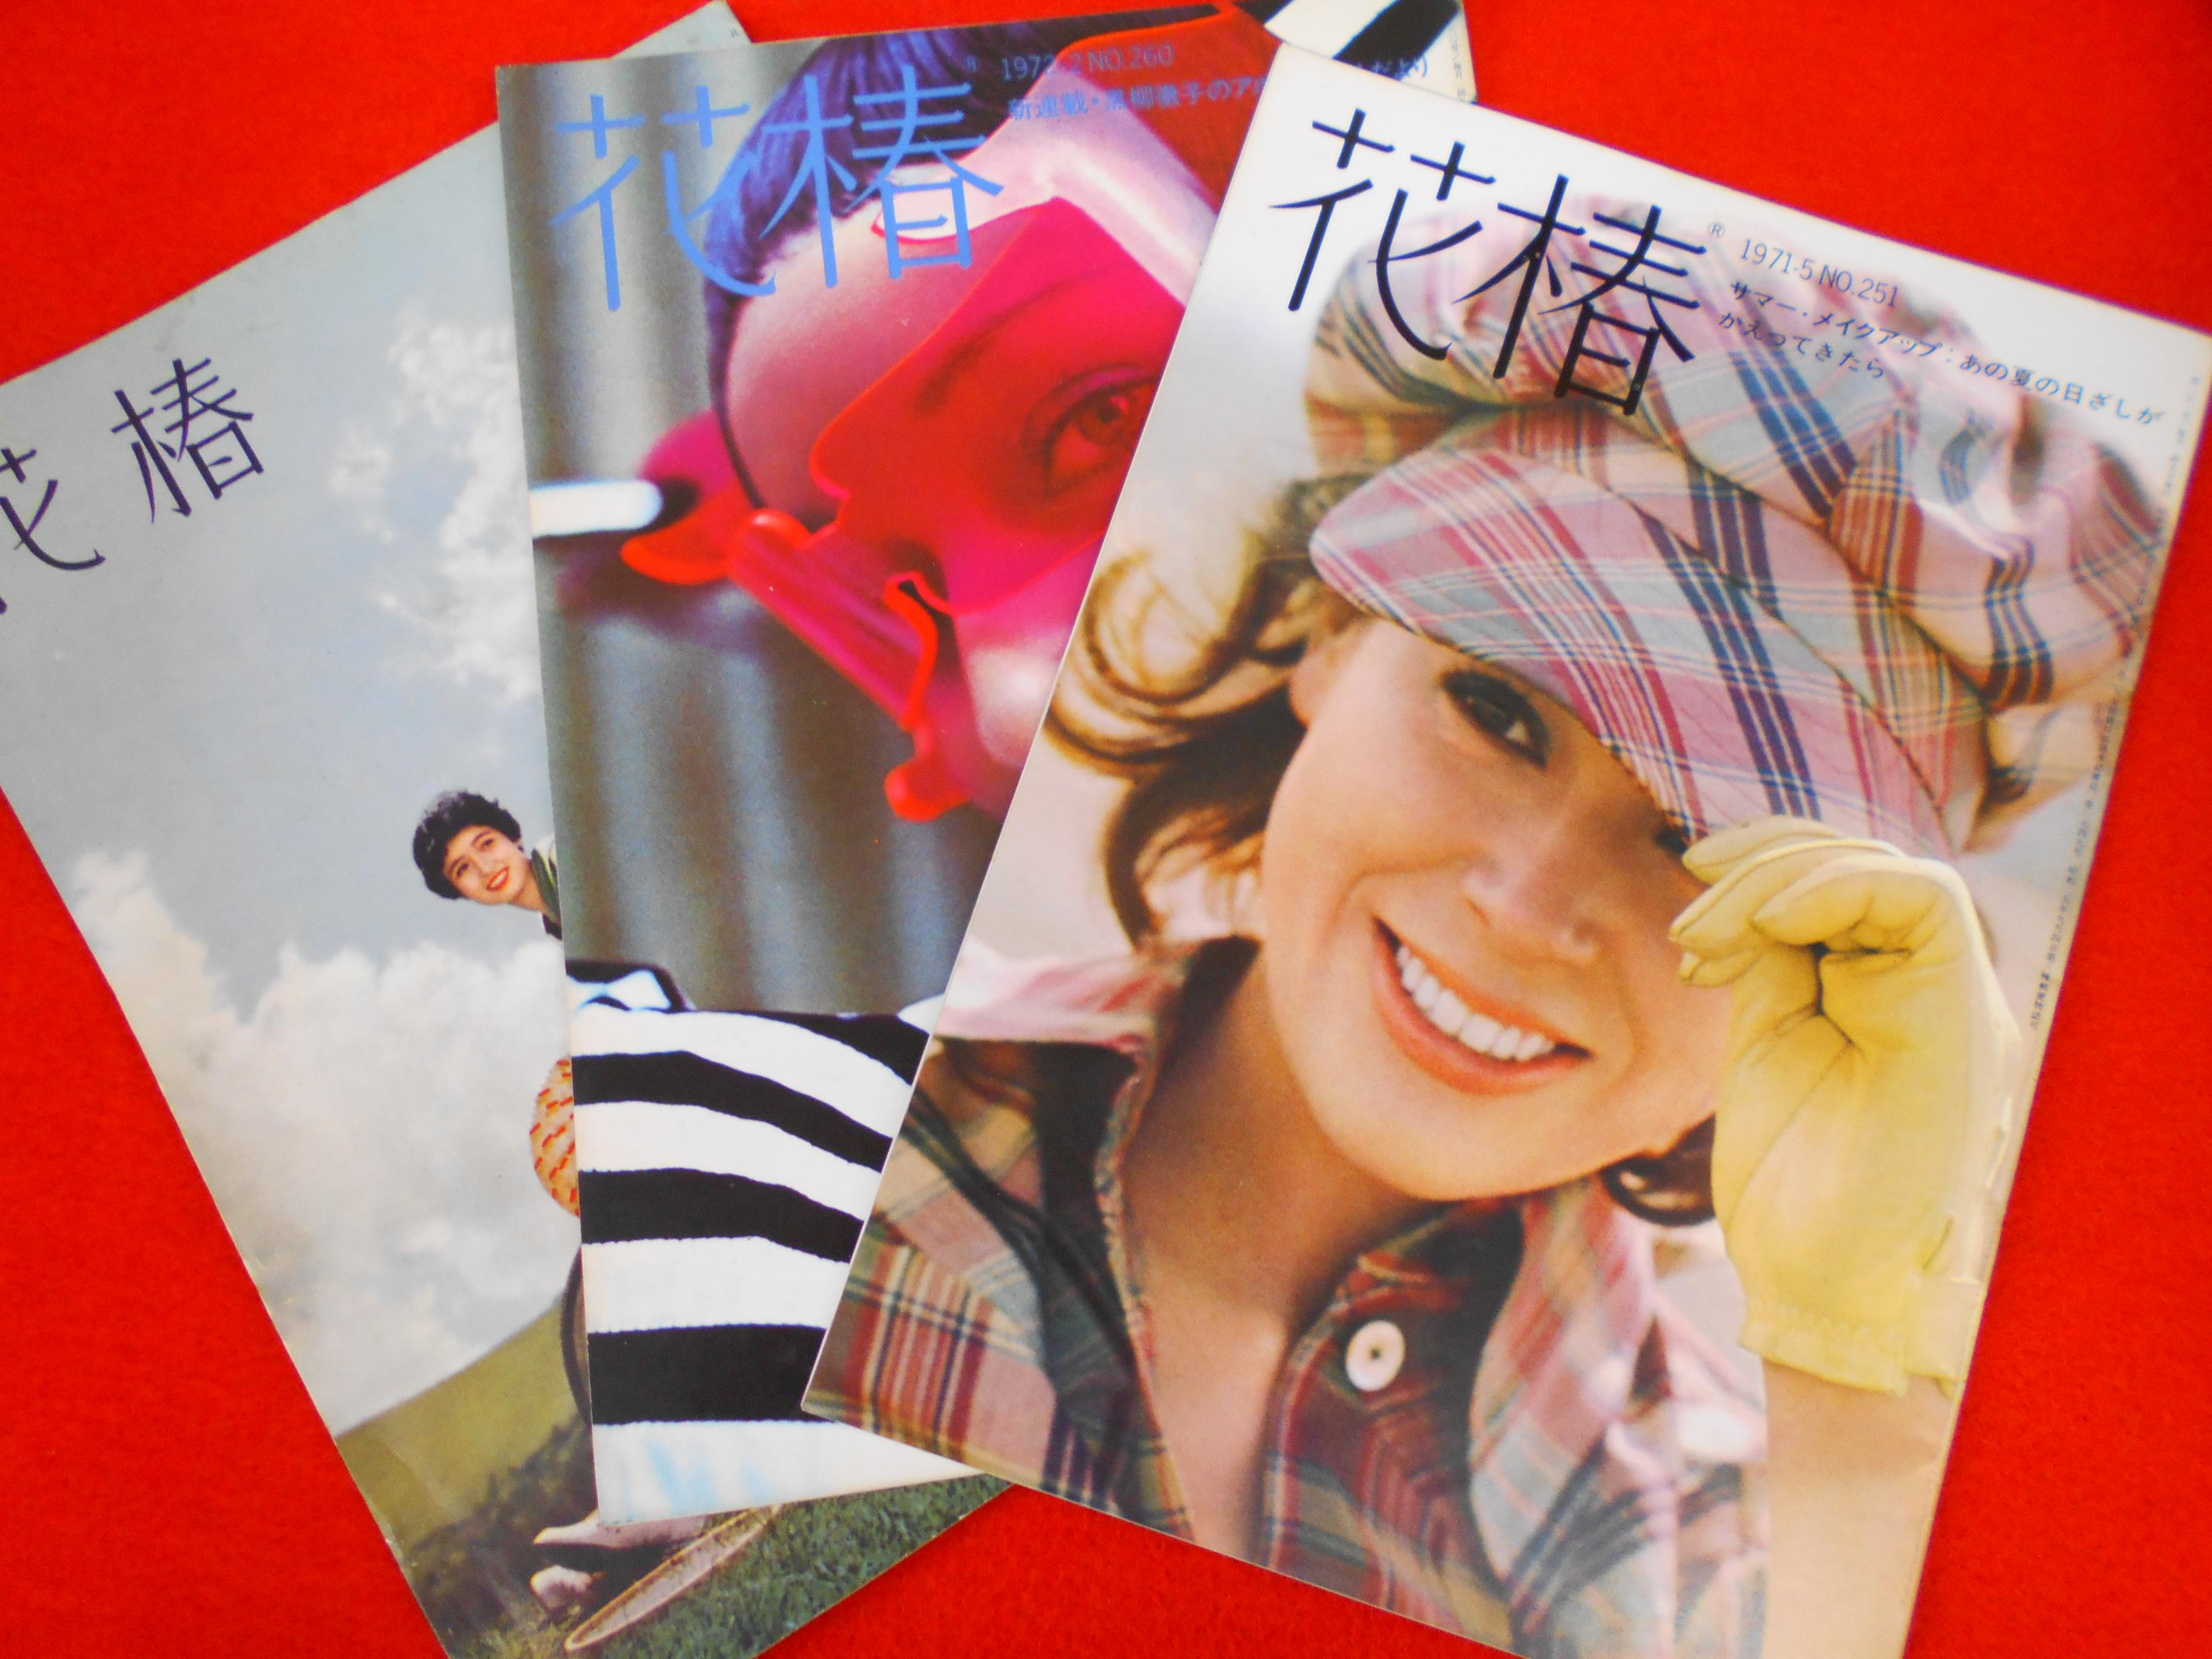 昭和の雑誌 大量買取いたしますの画像